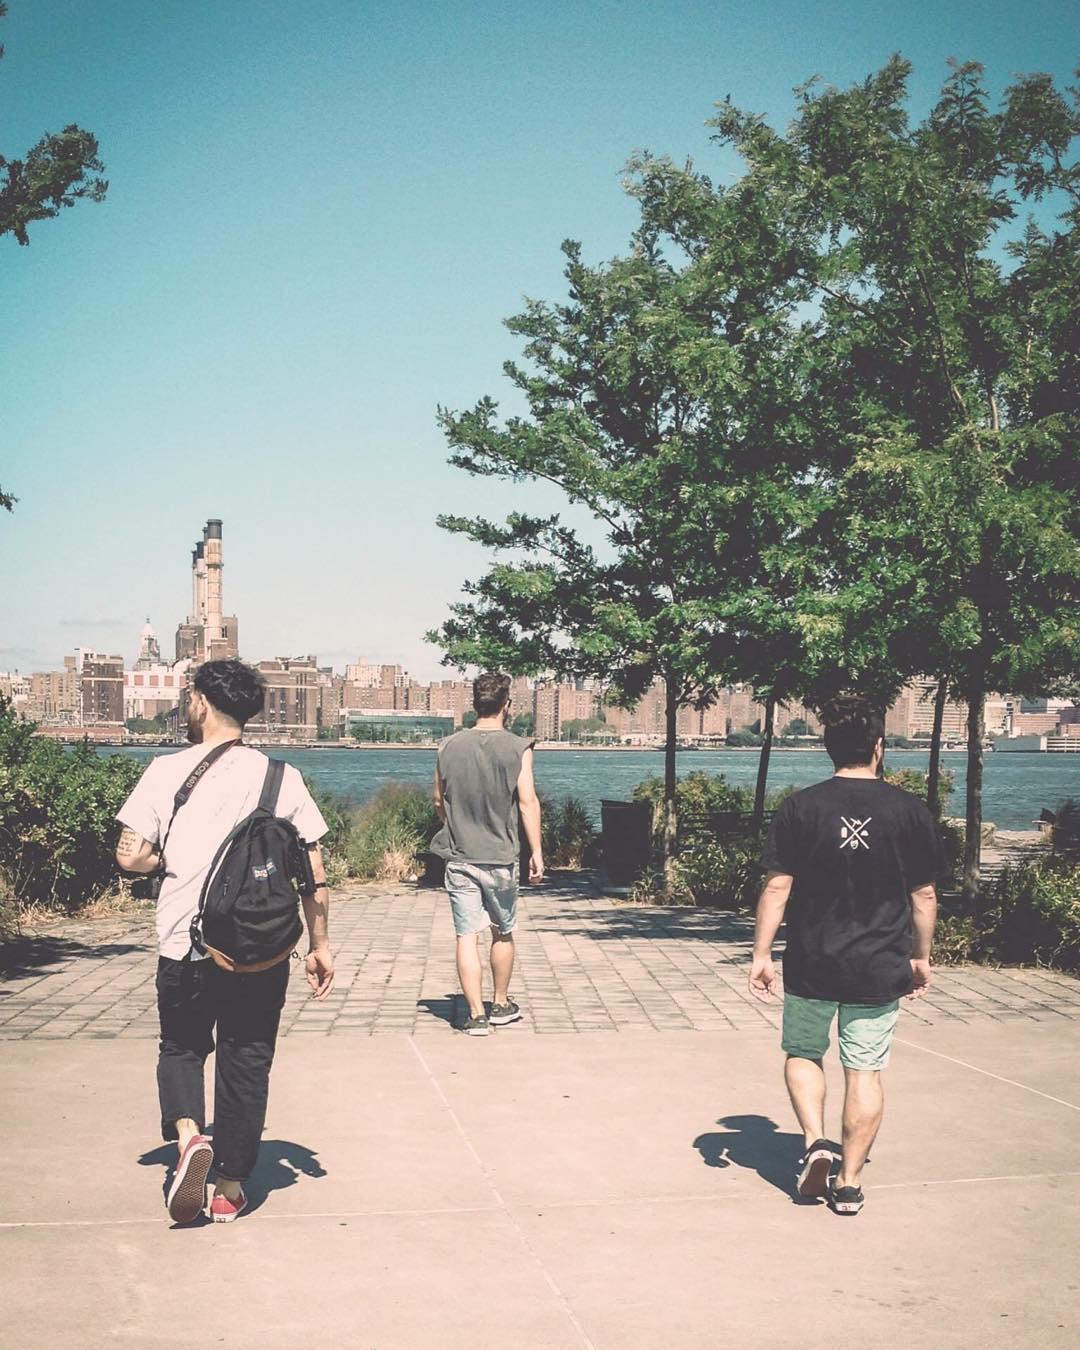 ¿Querés ir a Brooklyn? ¿Y conocer la #HouseOfVans? Si participás del #ClassicBuenosAires podés ganarte el viaje. Categorías: diseño, cine y fotografía. Consigna: reflejá tu manera de vivir Bs. As. Rango de edad: entre 18 y 30 años. Fecha límite de...